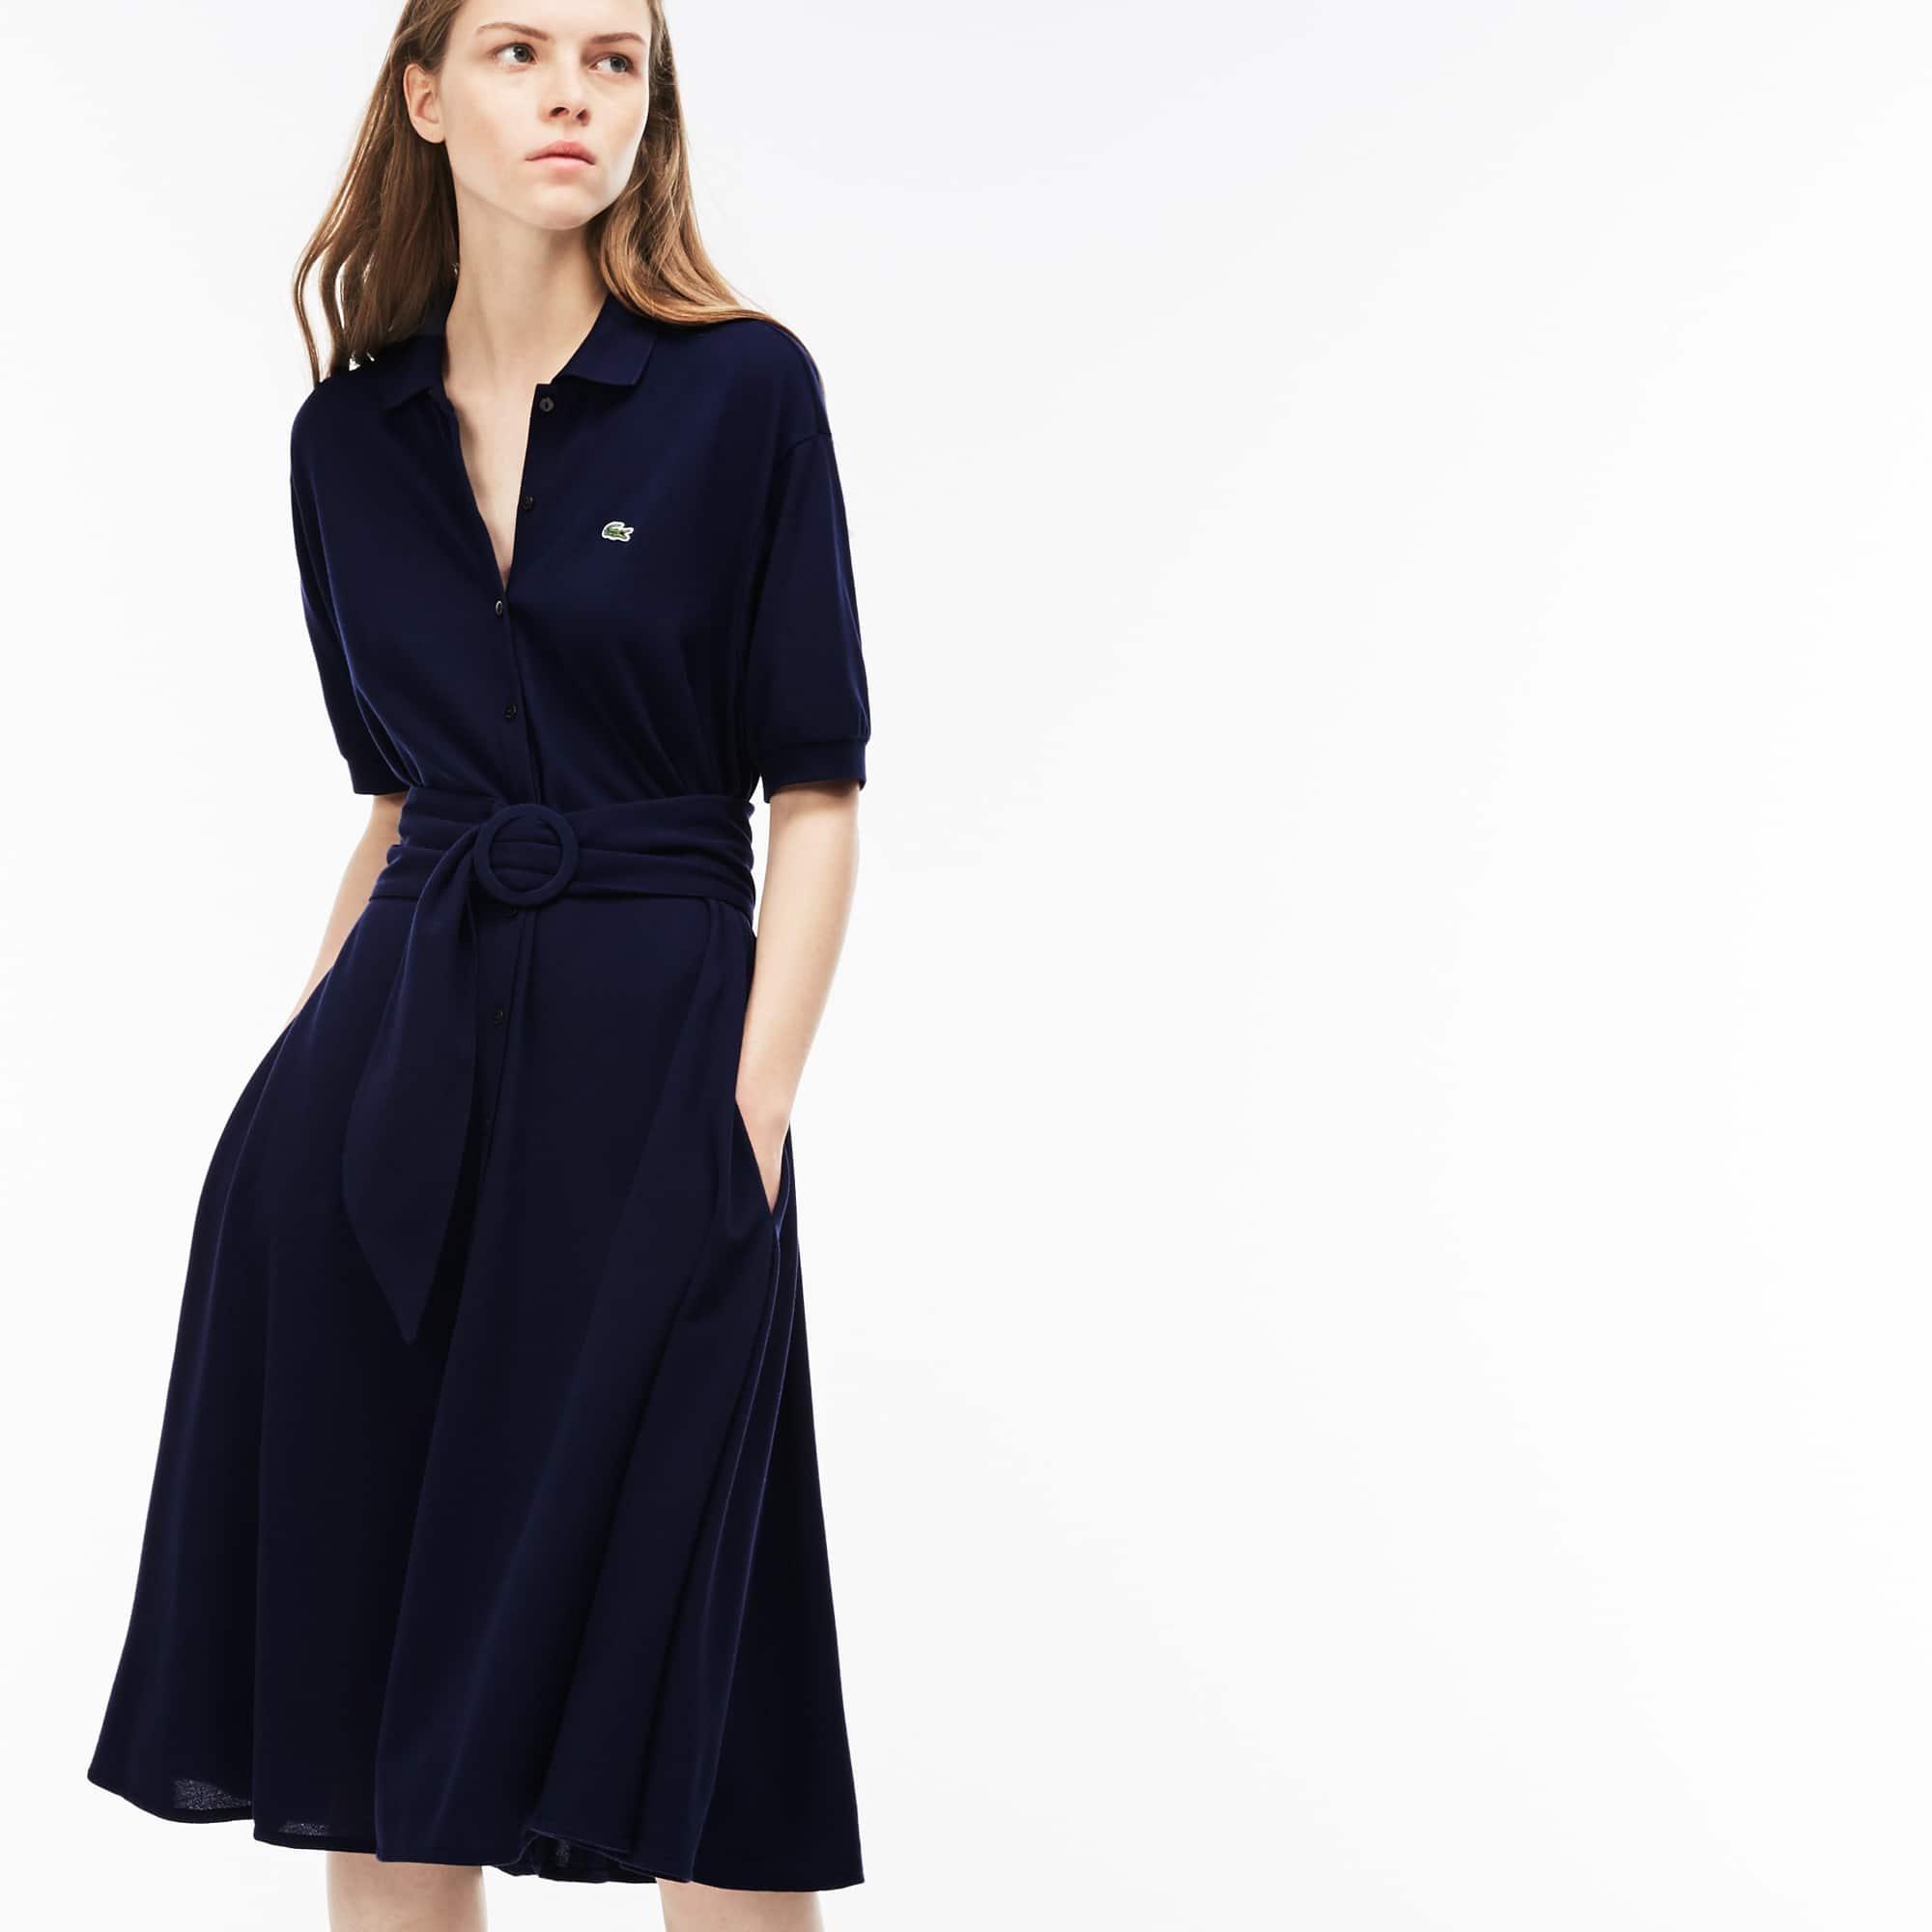 942188989e Vêtements Femme | Mode femme | LACOSTE